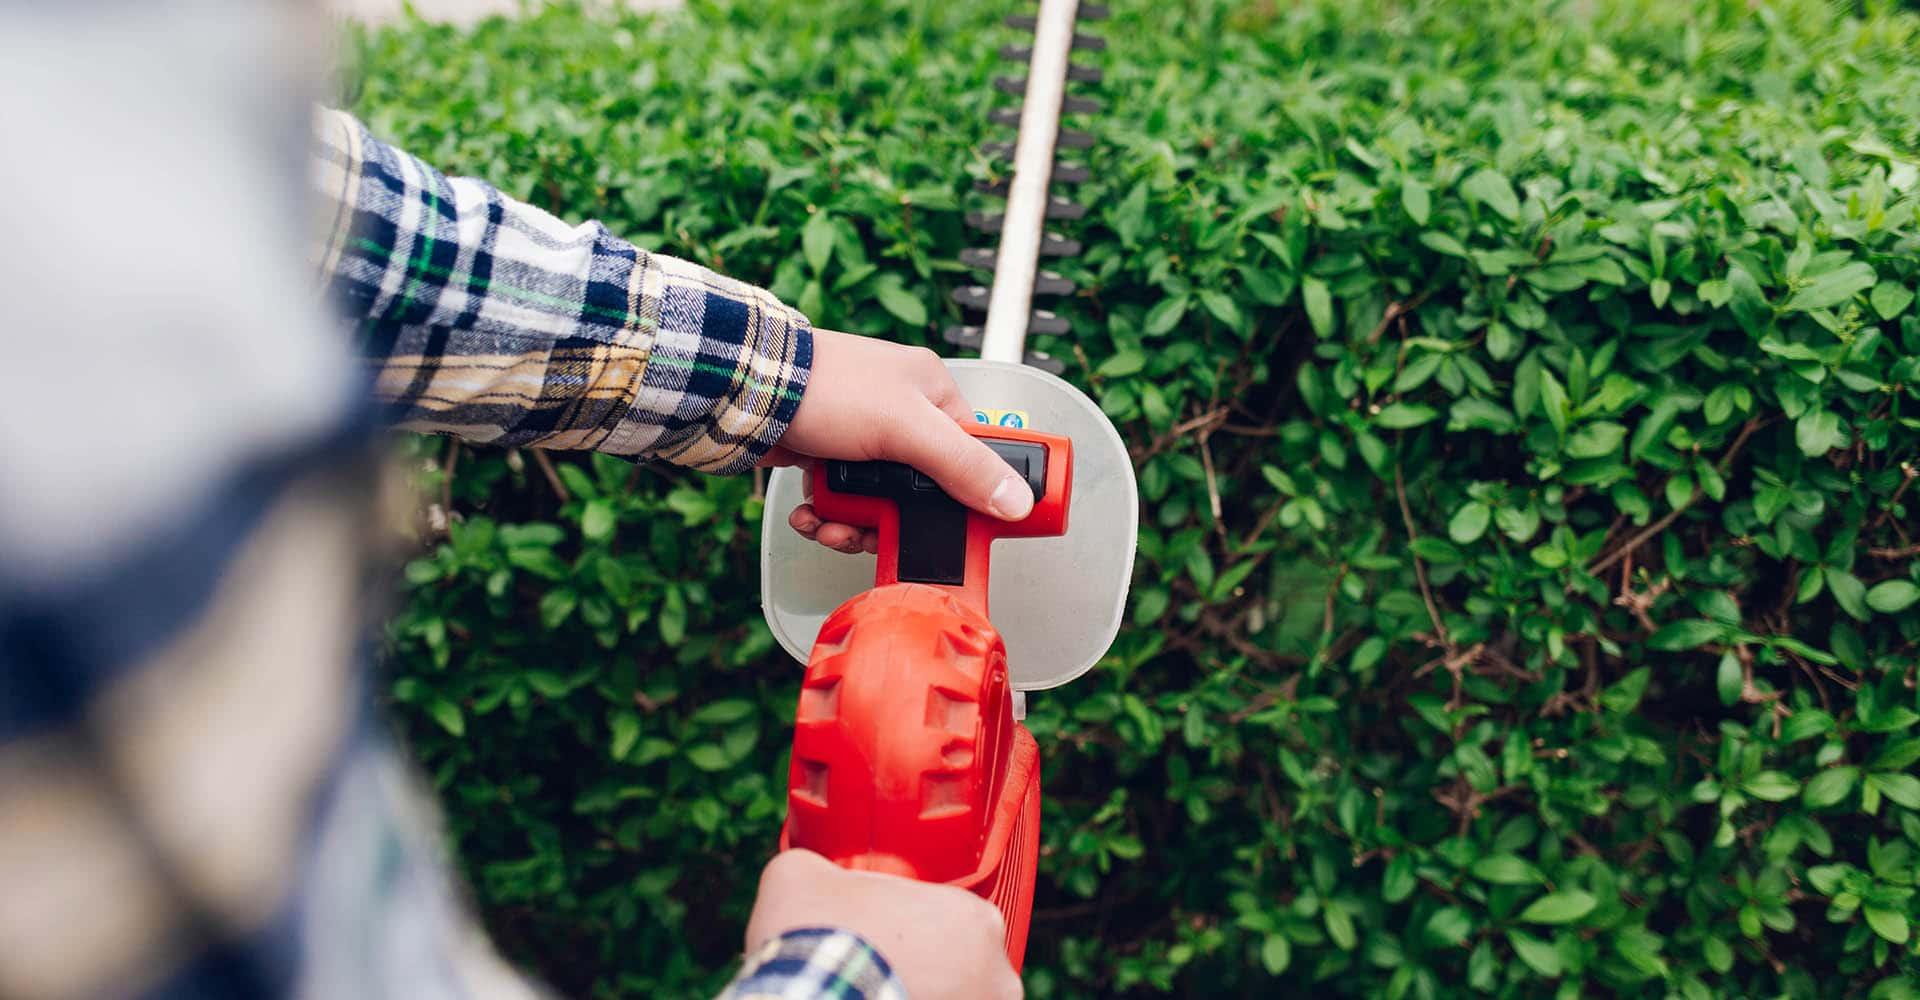 Mann schneidet Hecke mit Akku-Grasschere